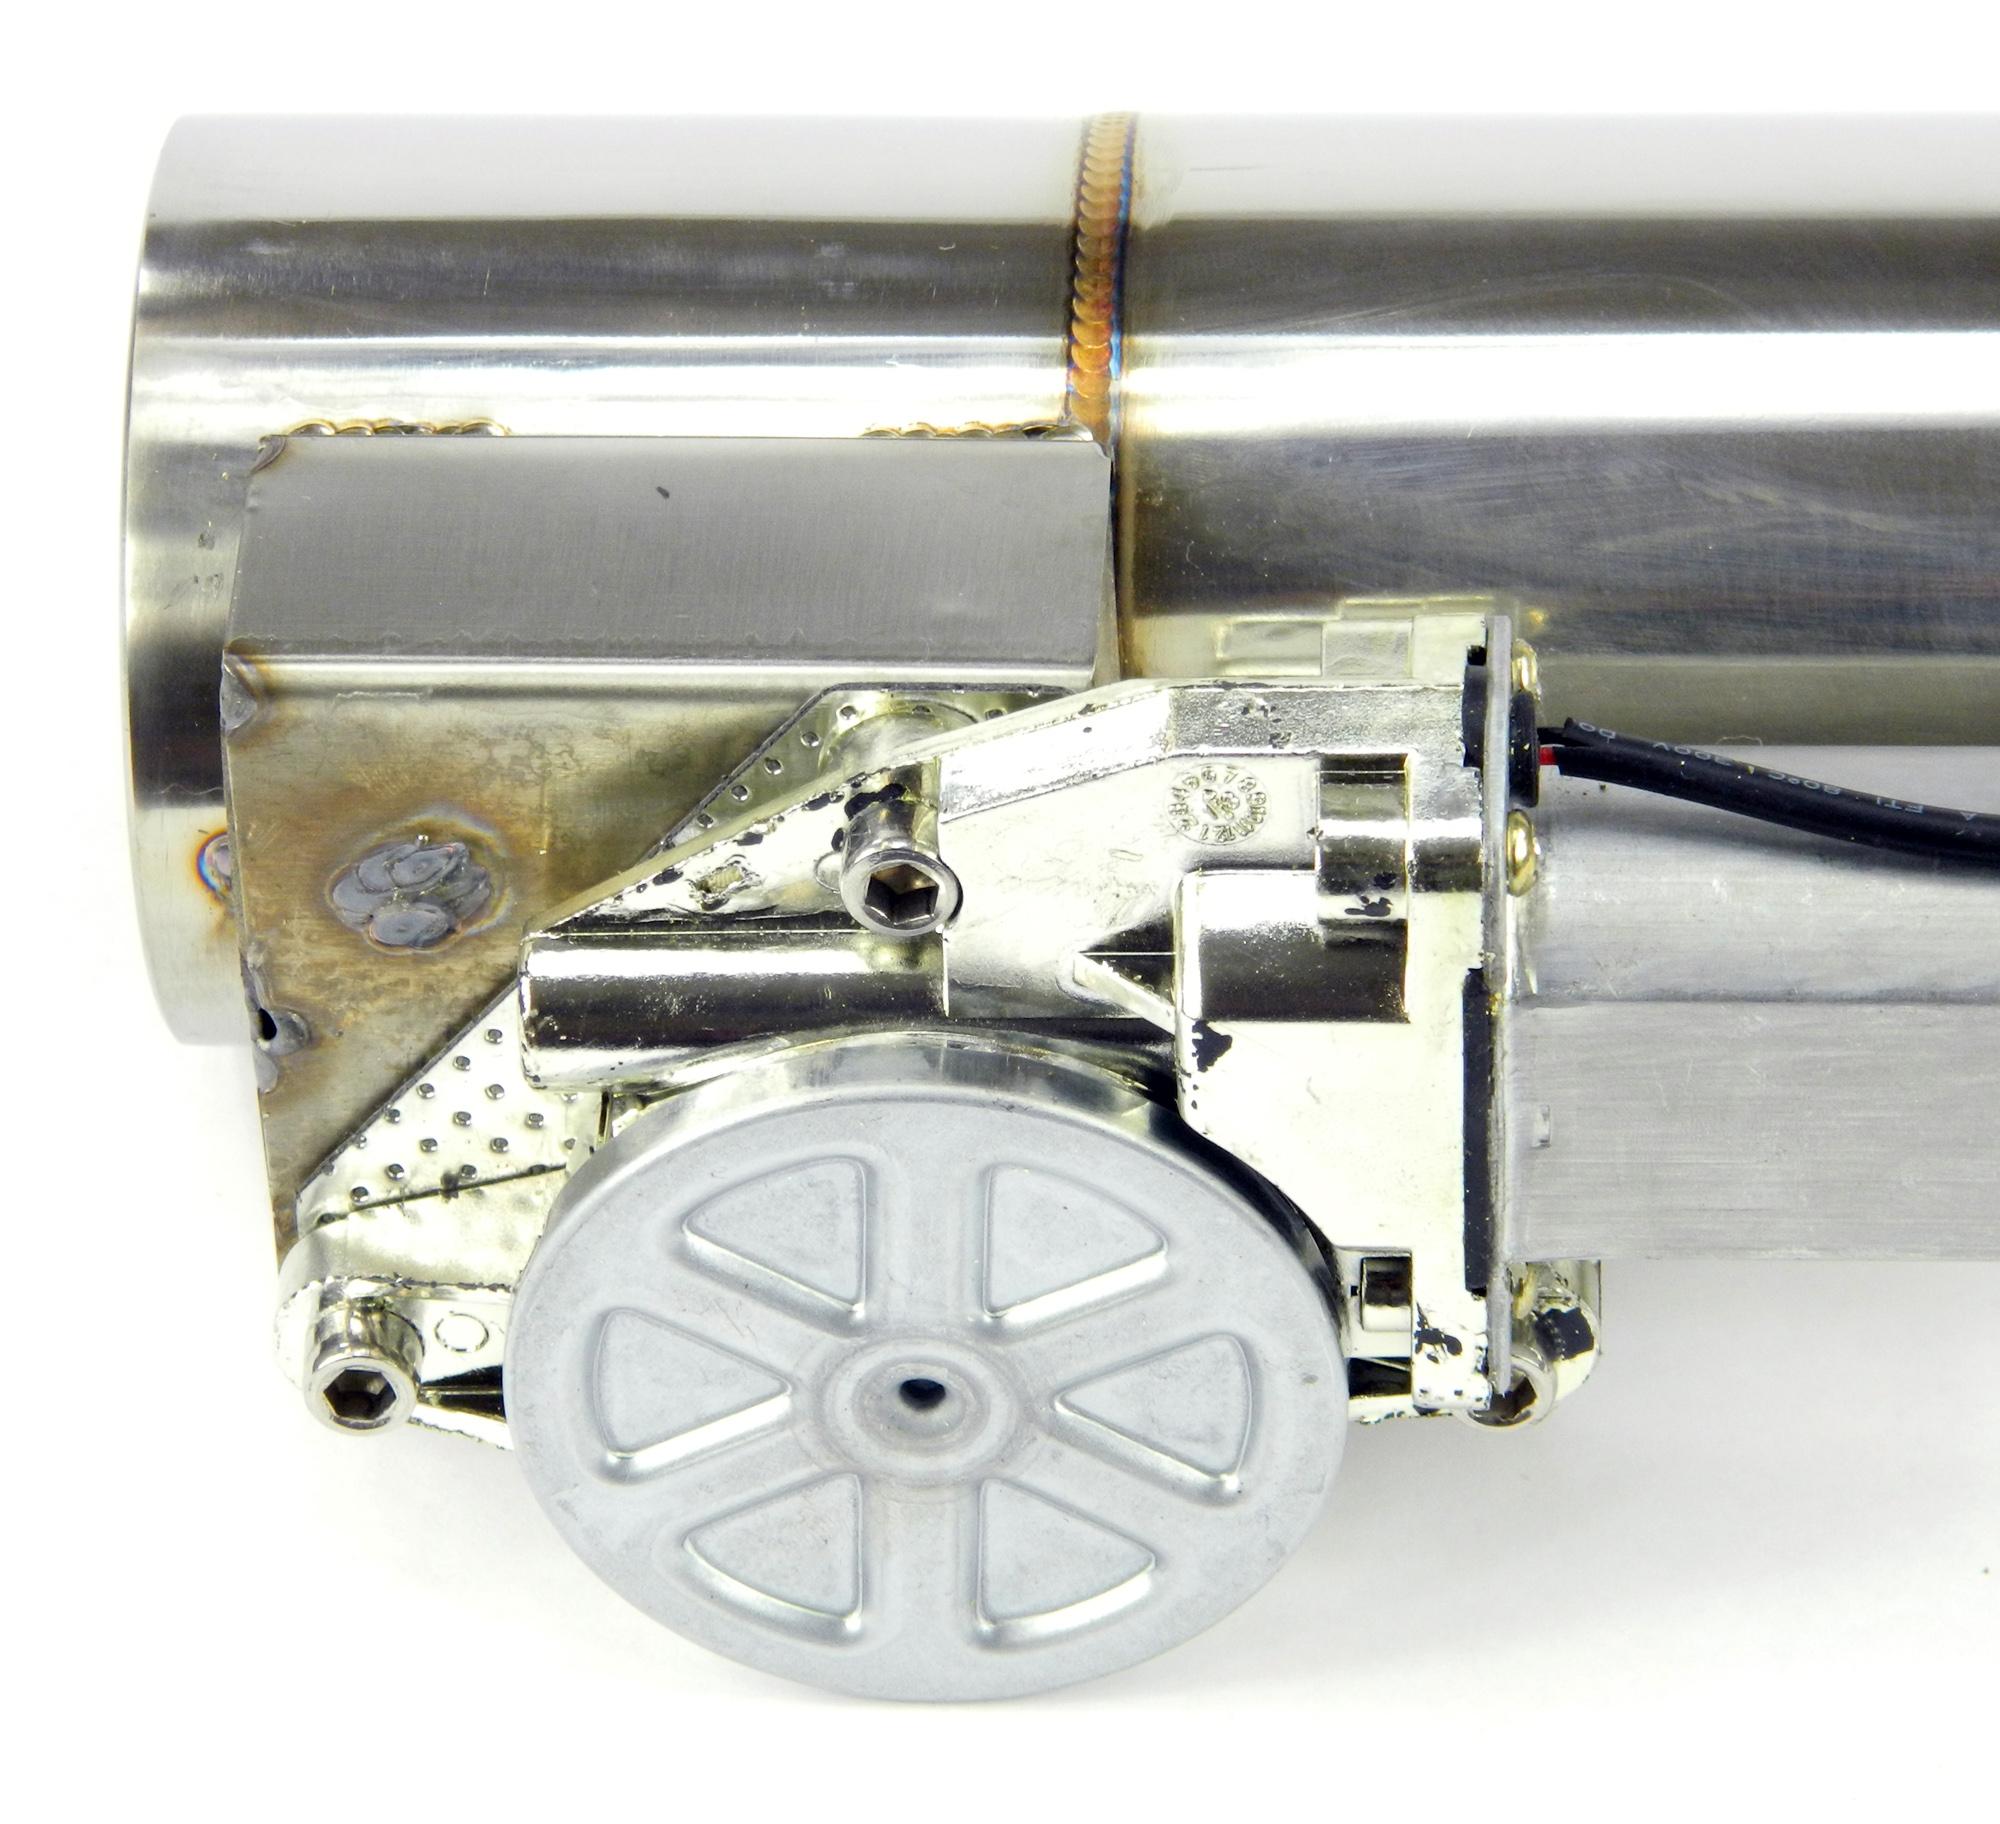 Klappenauspuff-System aus Edelstahl, elektrisch inkl. Fernbedienung - 76mm Außendurchmesser